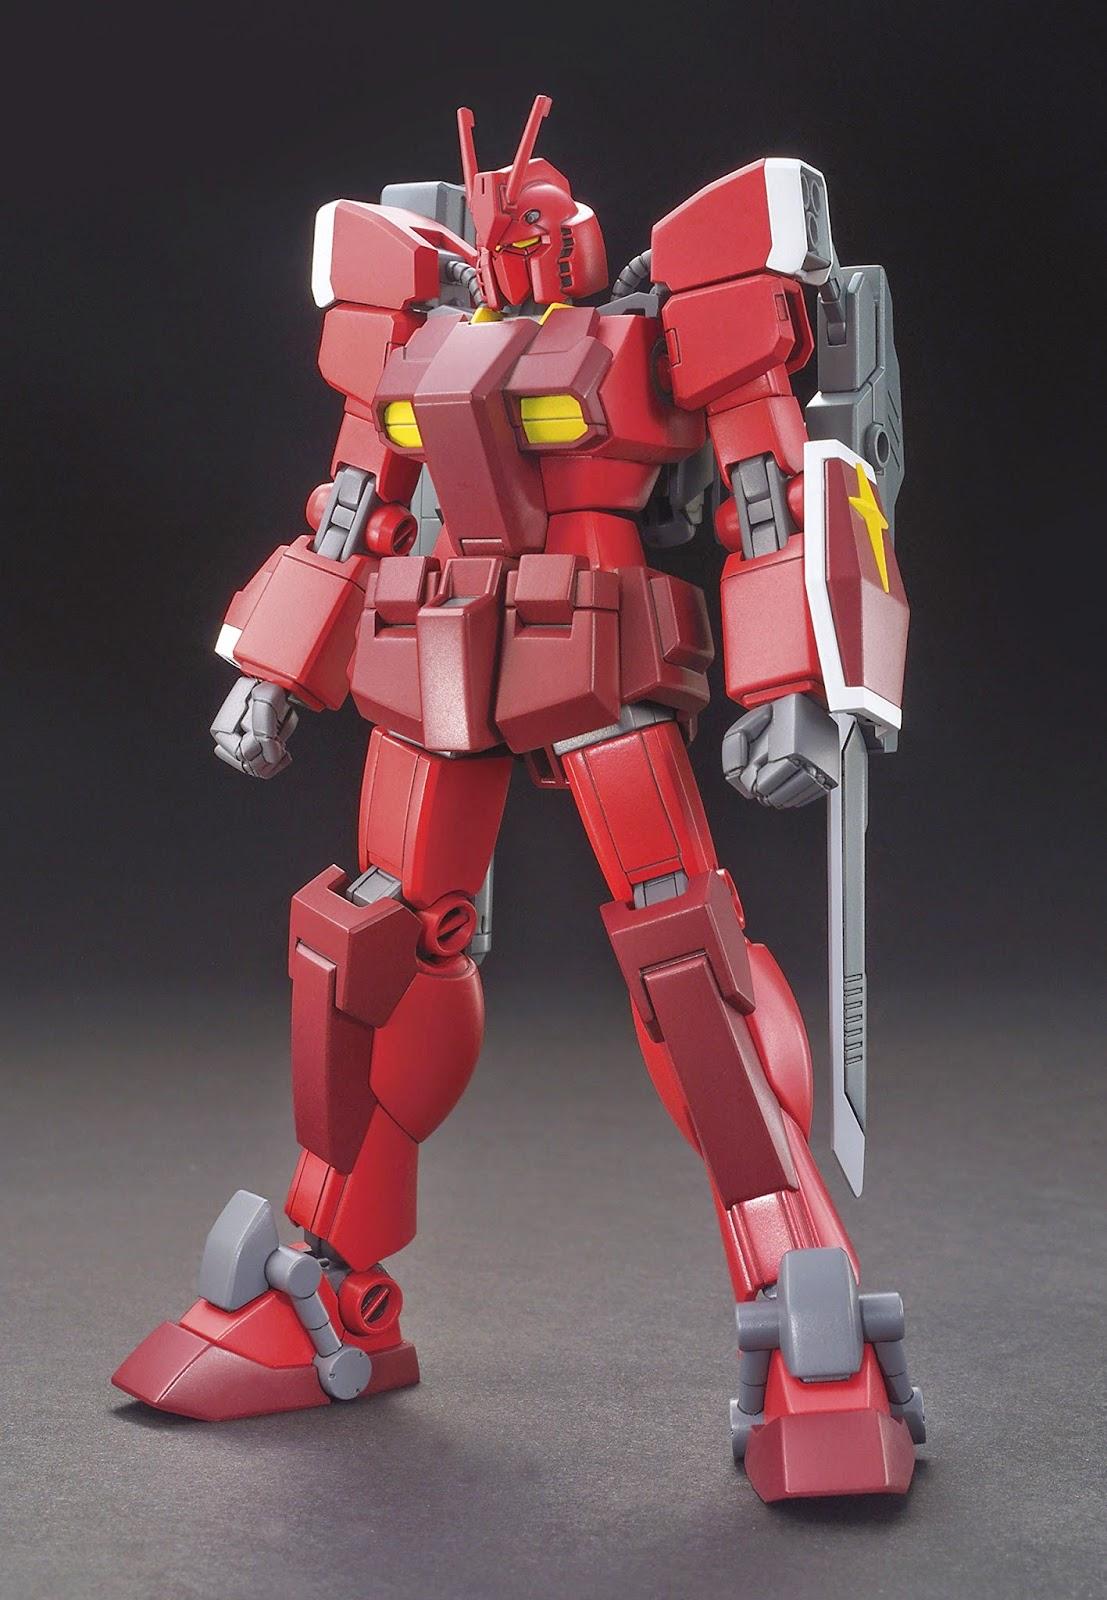 Gunpla - Amazing Red Warrior